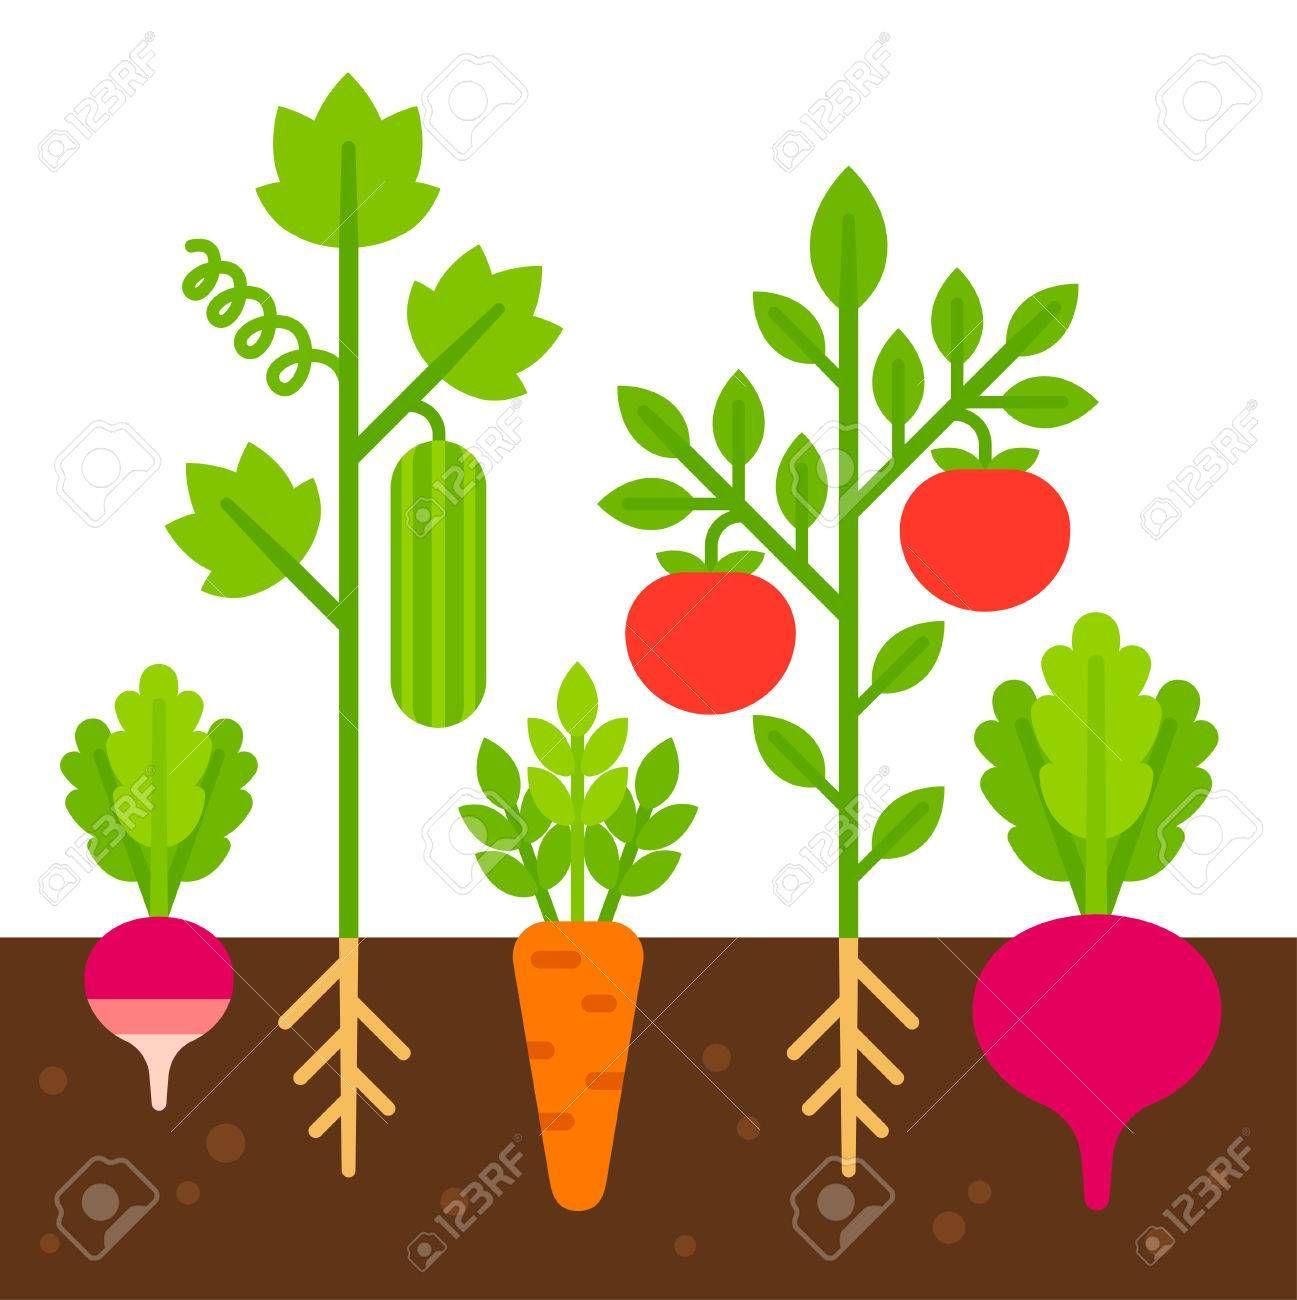 Vegetable Garden Simple Flat Cartoon Vector Illustration Cute Garden Illustration Vegetable Illustration Garden Layout Vegetable